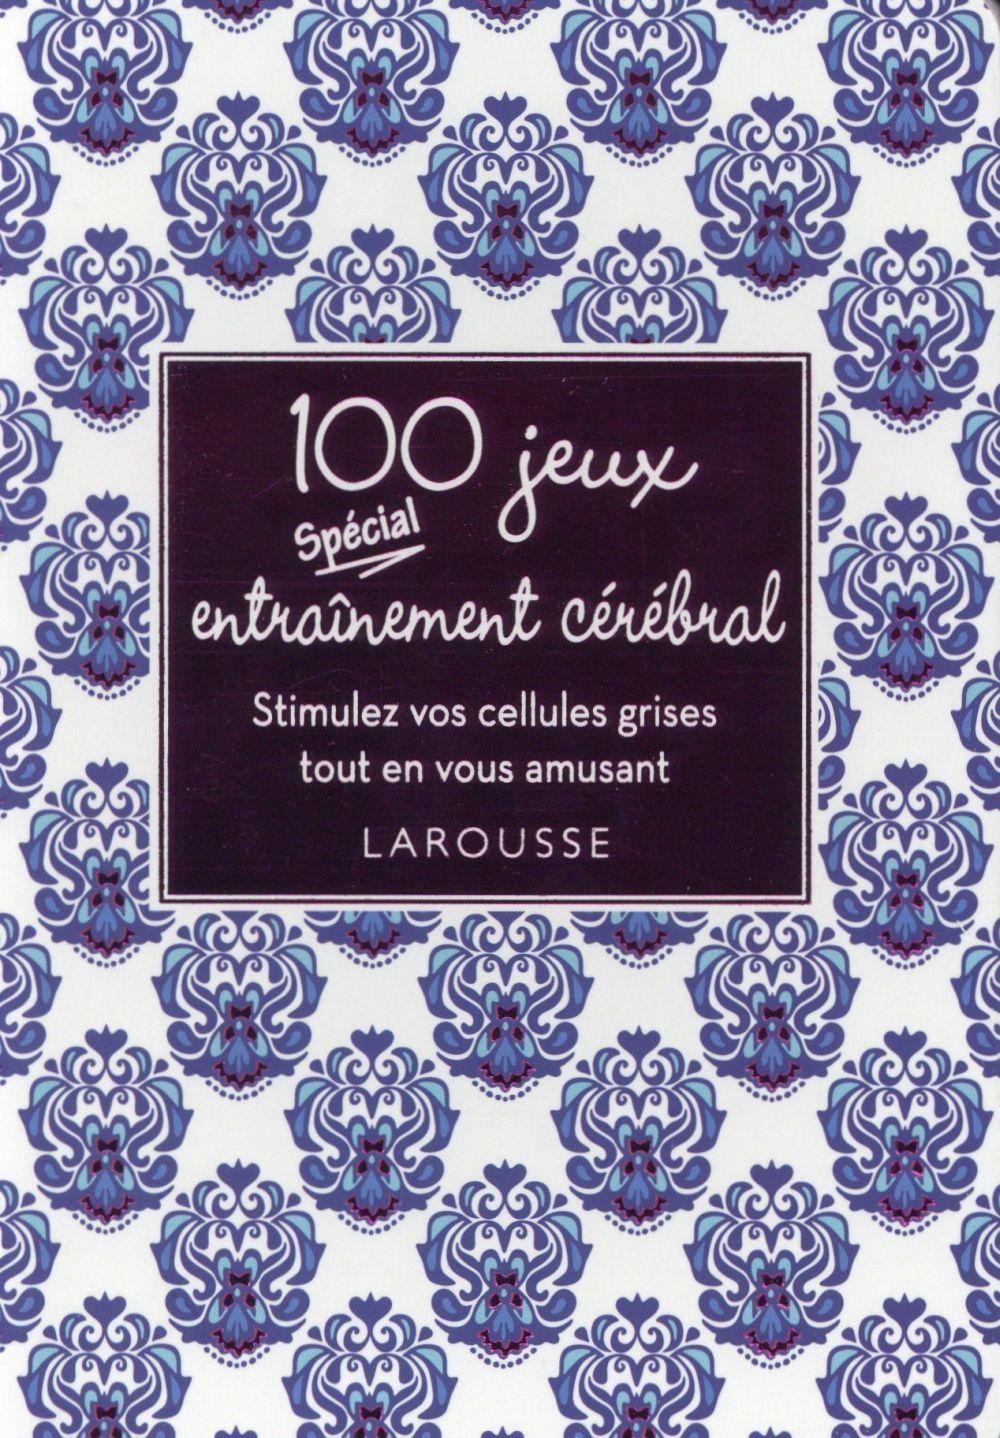 100 JEUX SPECIAL ENTRAINEMENT CEREBRAL XXX Larousse